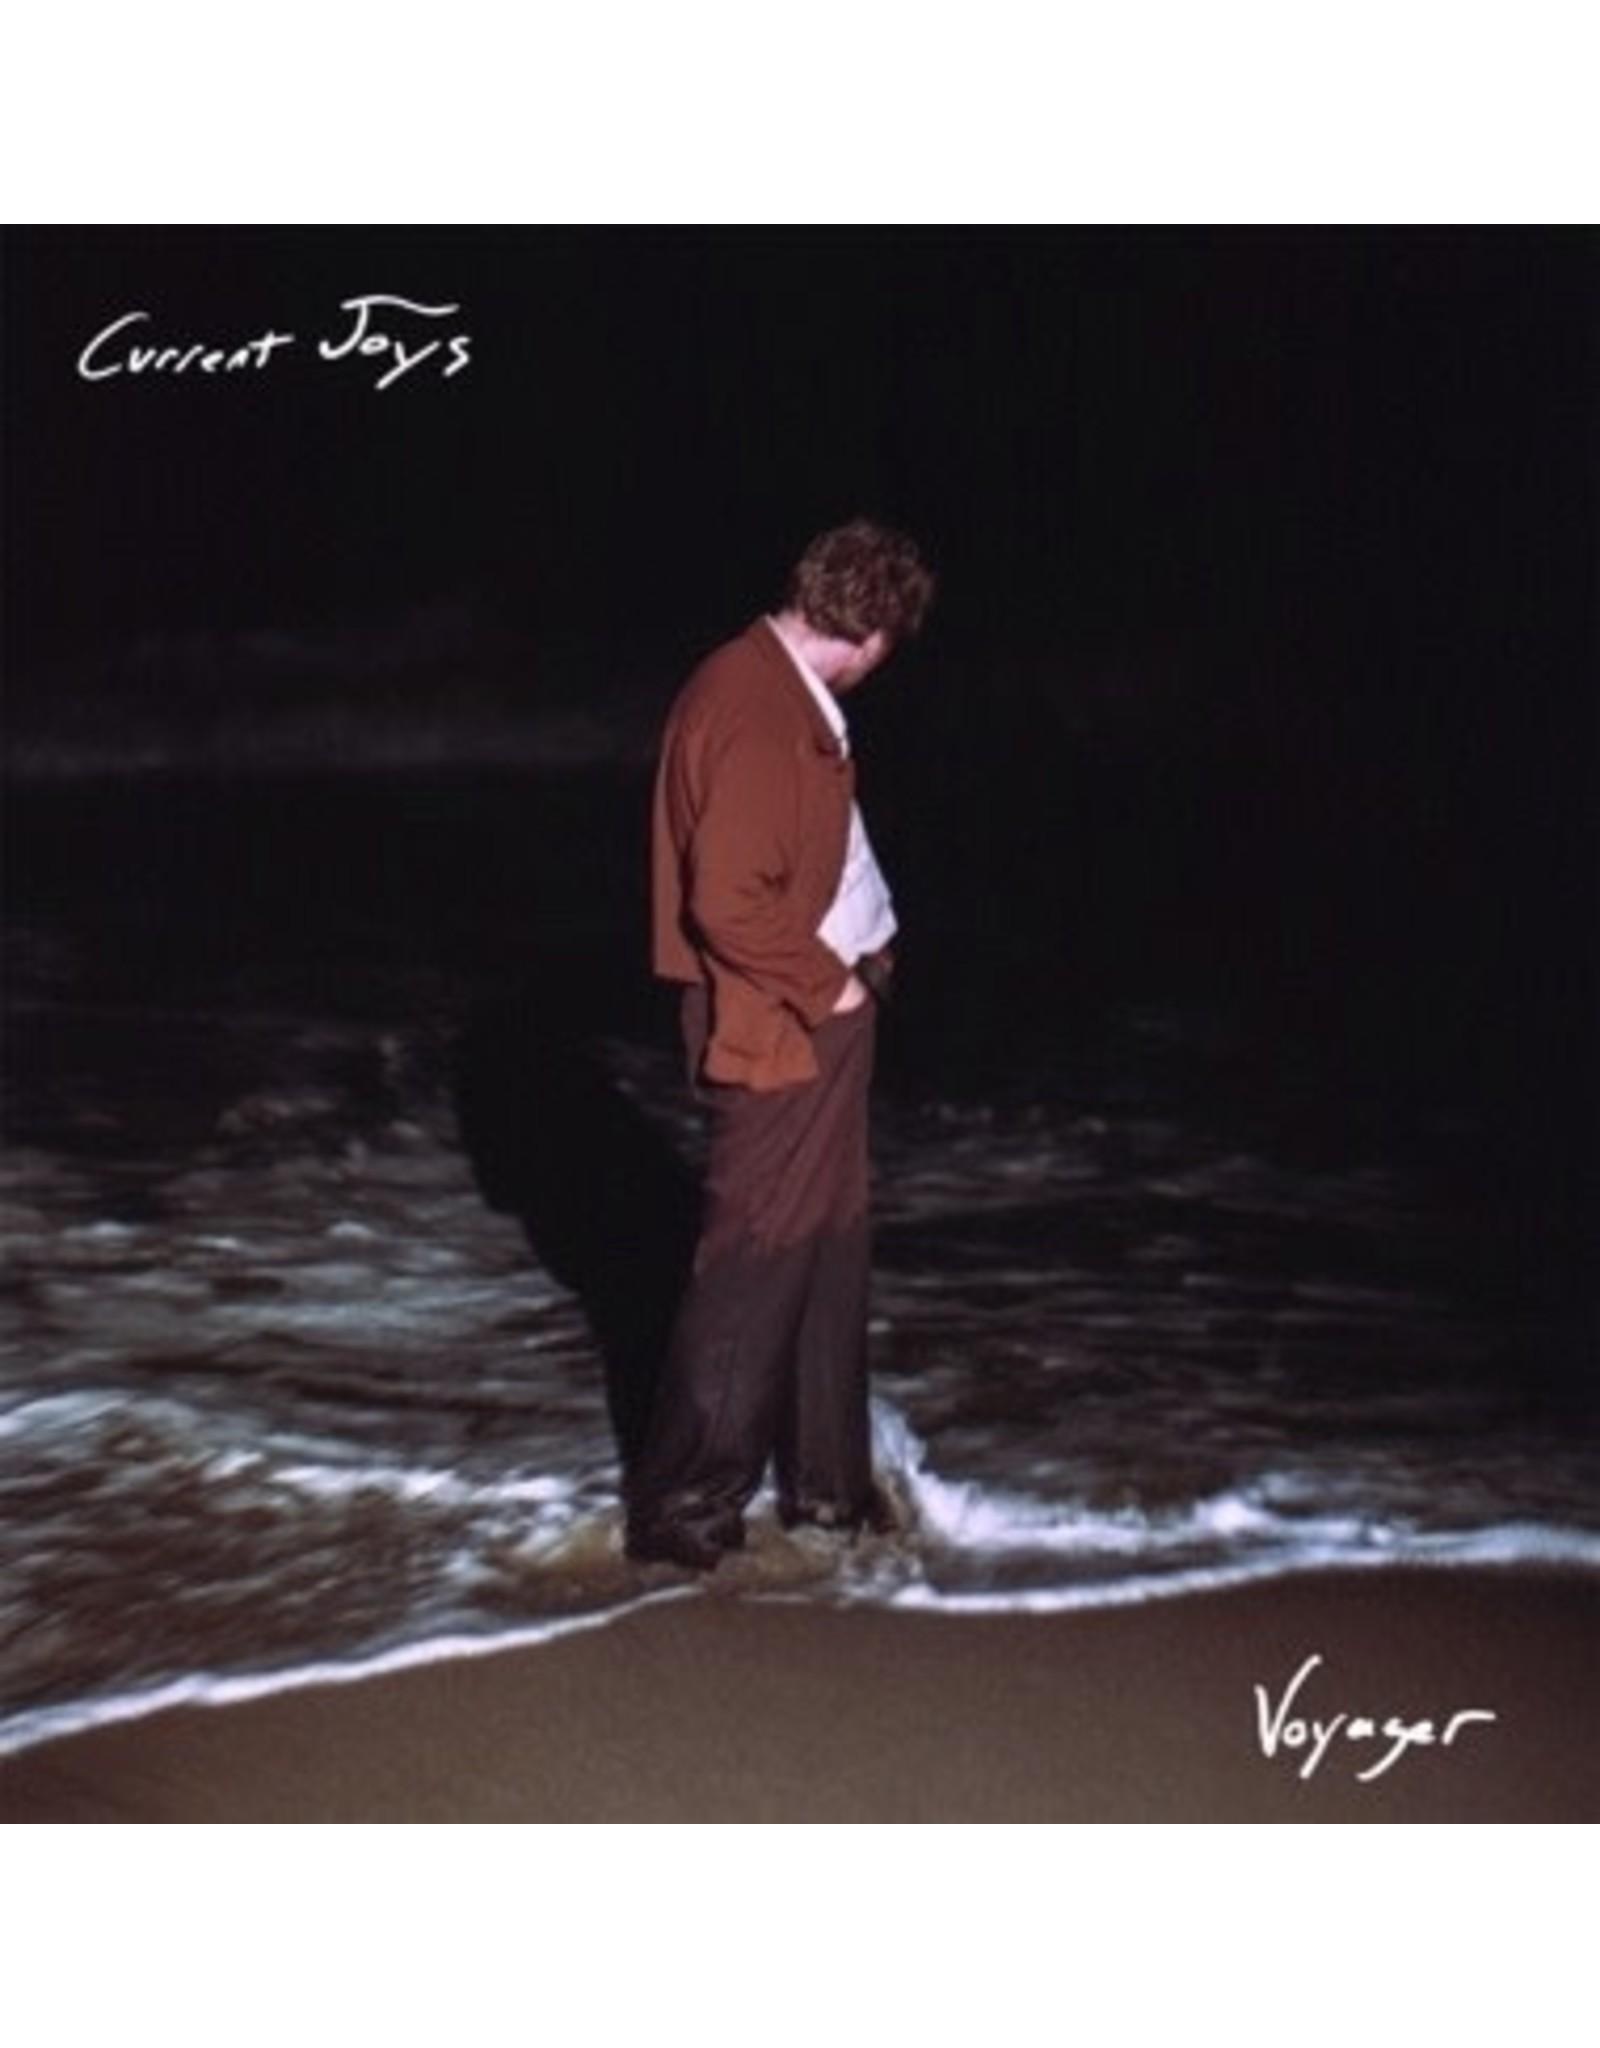 New Vinyl Current Joys - Voyager (Opaque Purple) 2LP